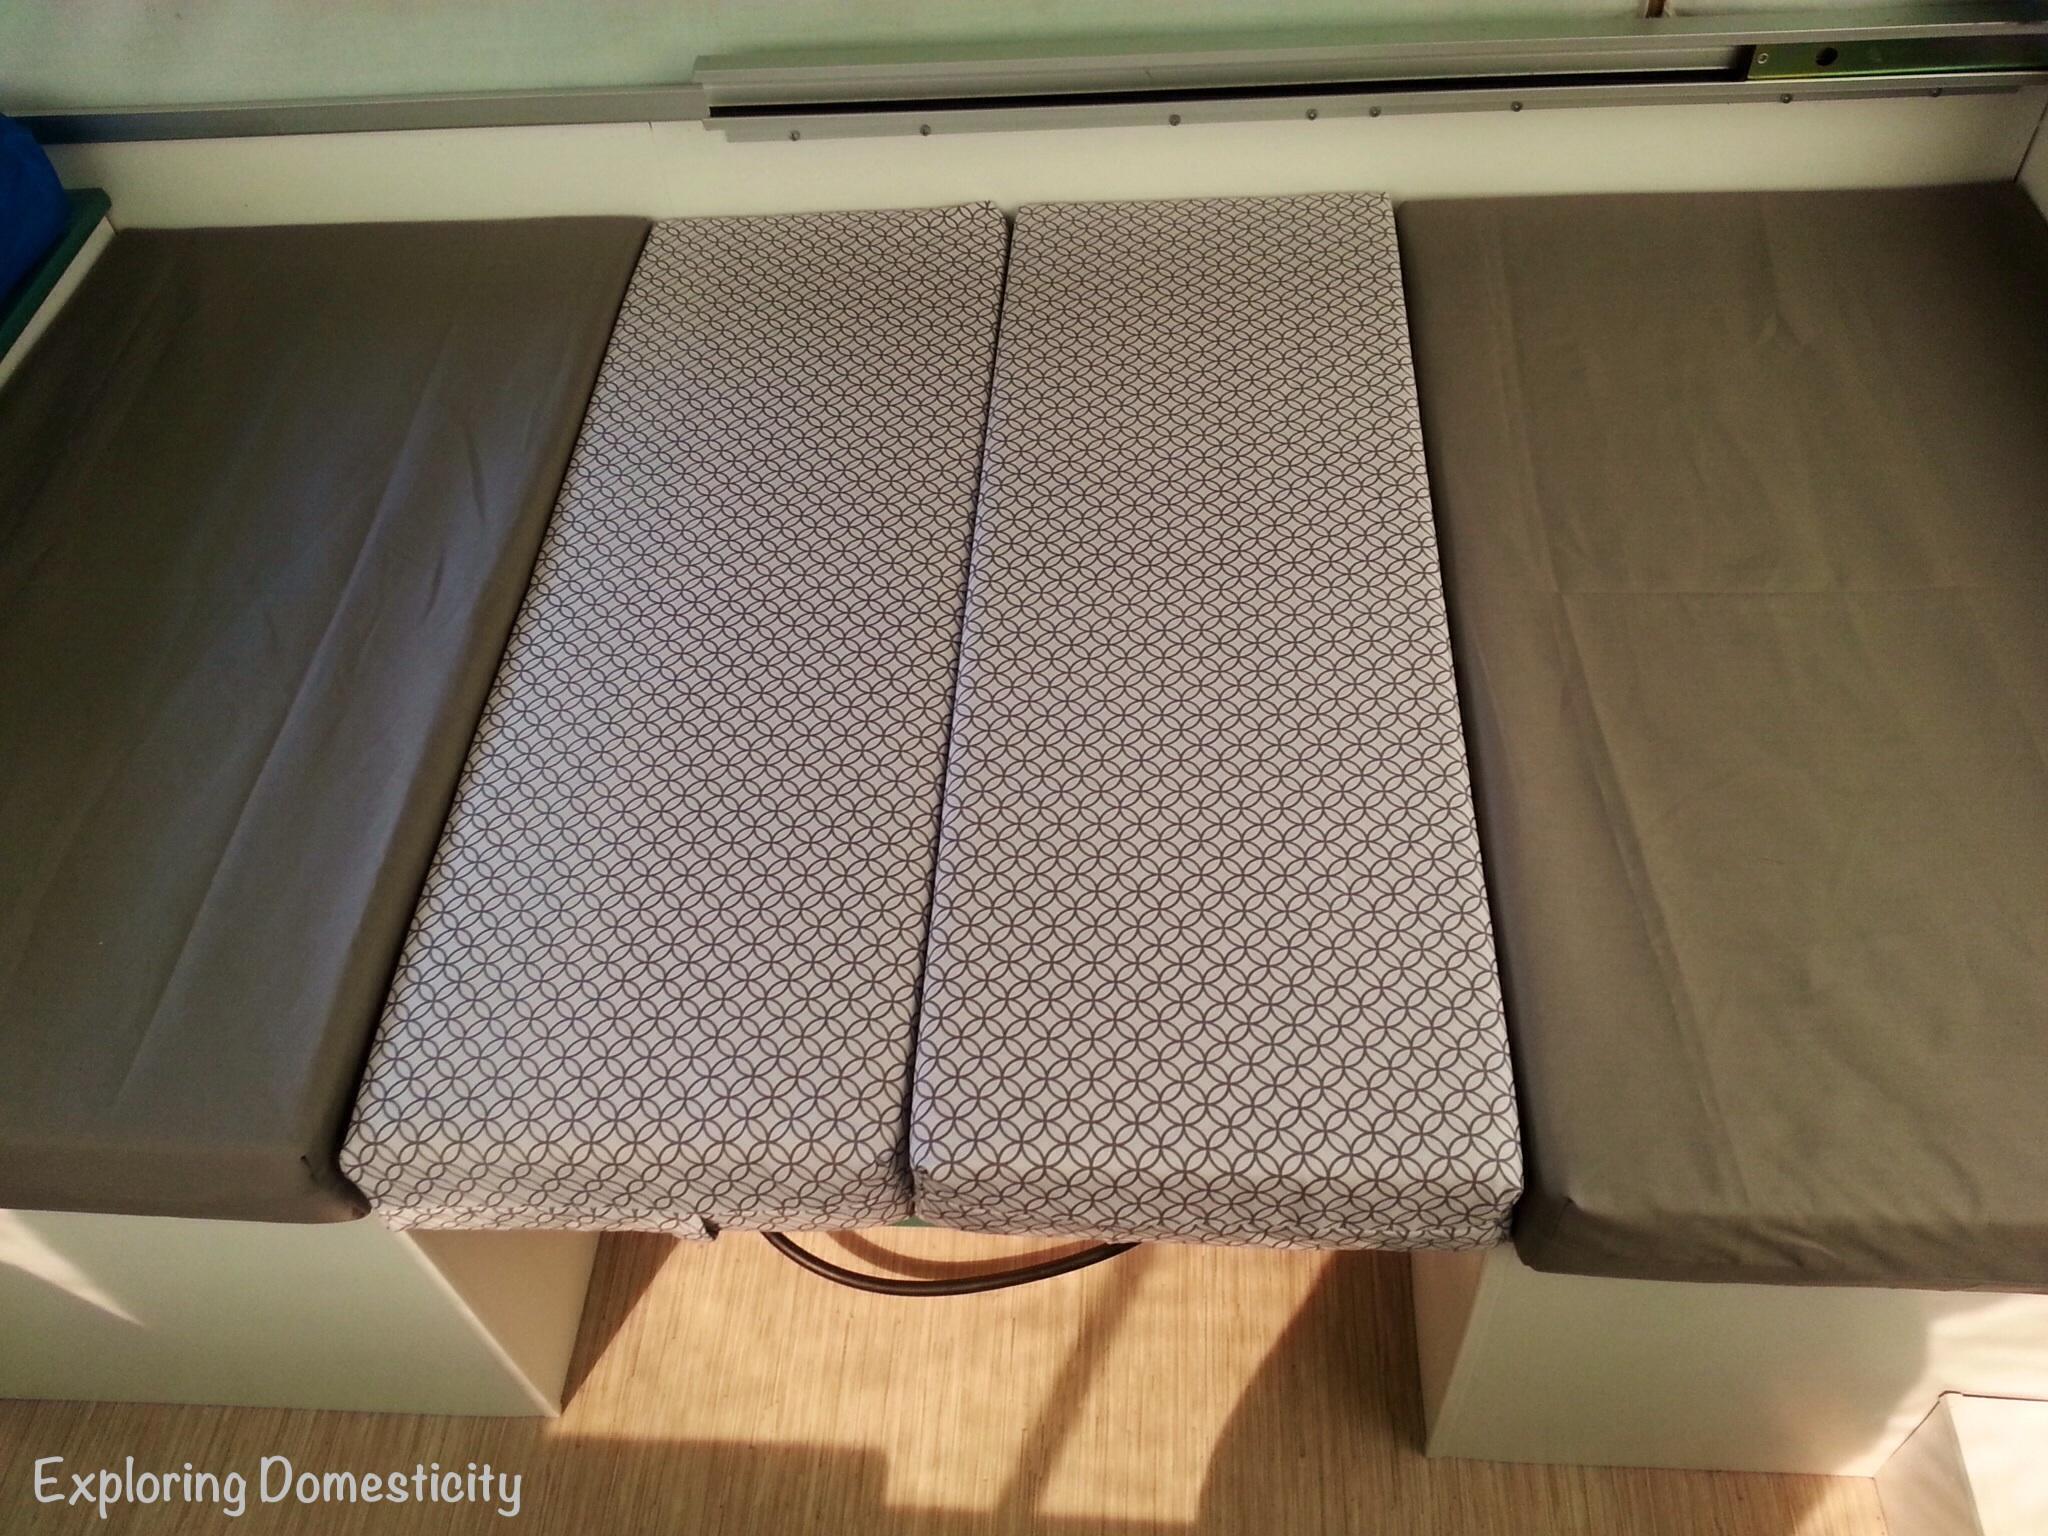 Pop Up Camper Remodel New Cushions ⋆ Exploring Domesticity